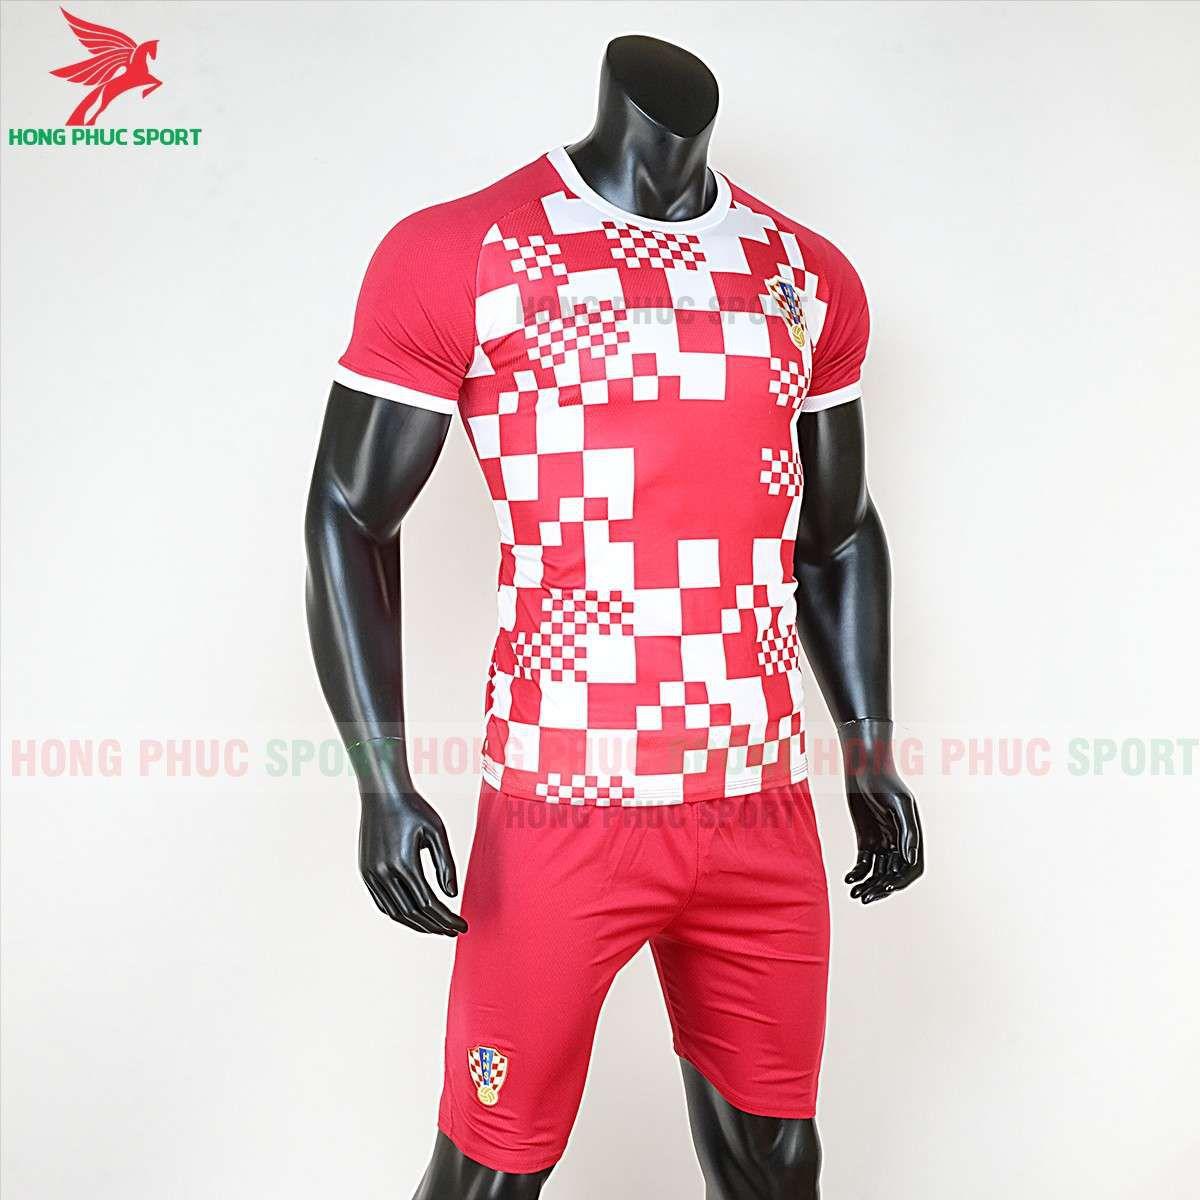 https://cdn.hongphucsport.com/unsafe/cdn.hongphucsport.com/dothethao.net.vn/wp-content/uploads/2020/02/ao-tuyen-croatia-euro-2020-san-nha-1.jpg